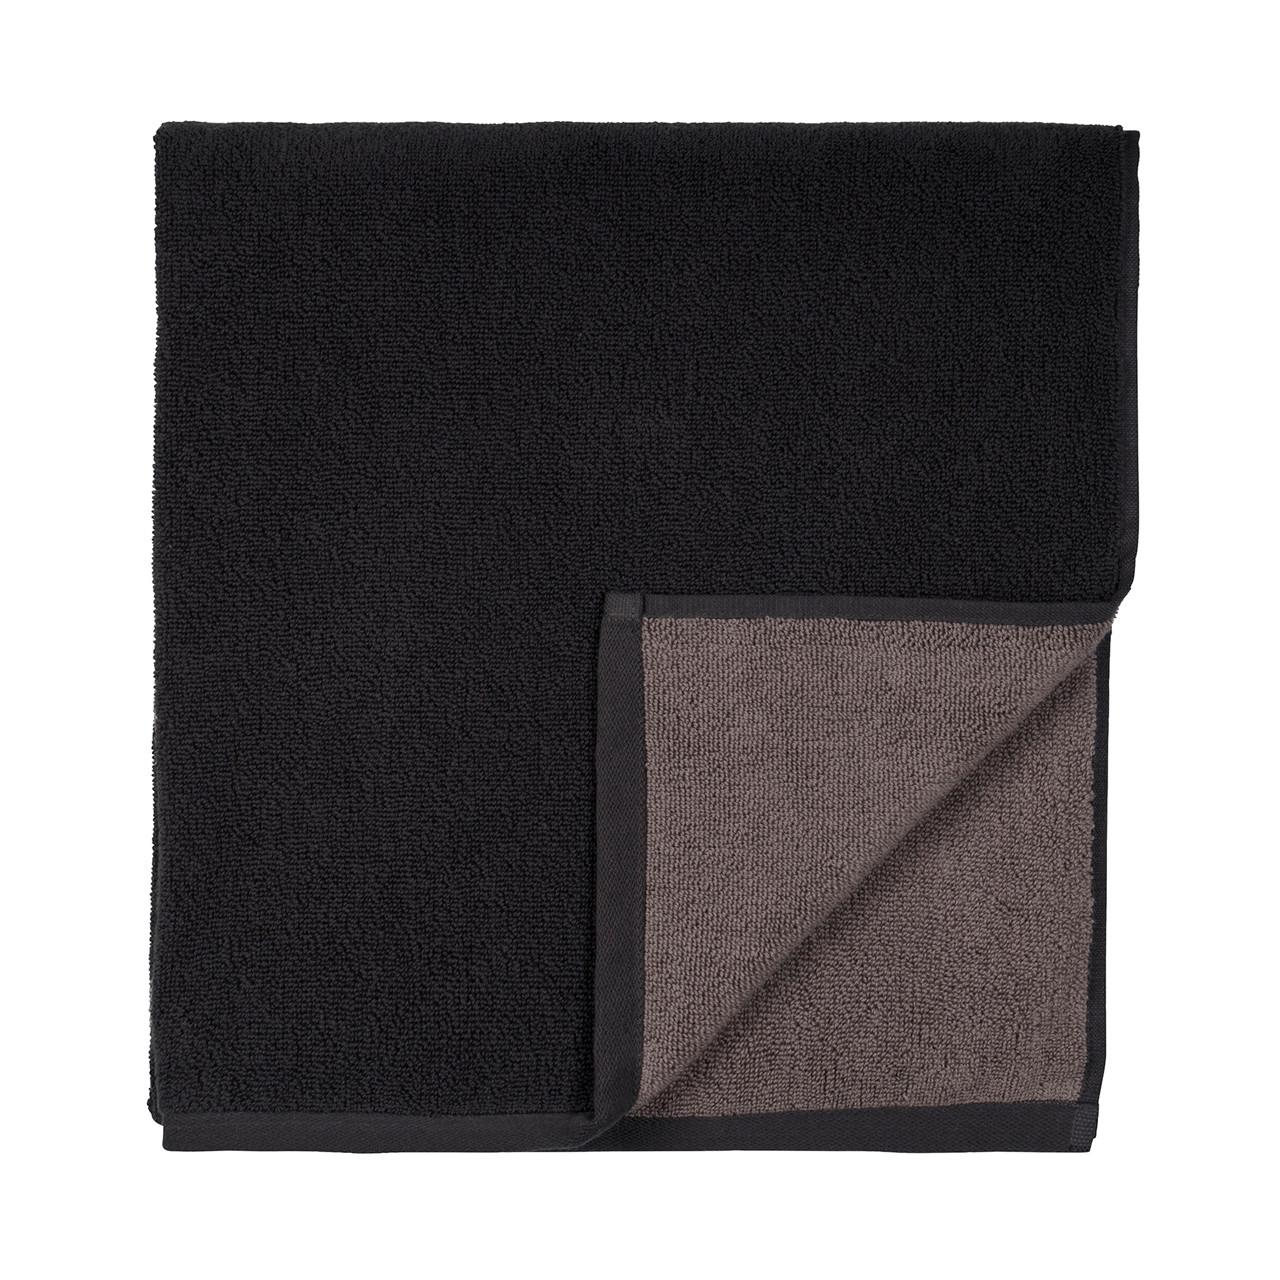 SÖDAHL Håndklæde 50x100 fragment mørk grå/lys grå